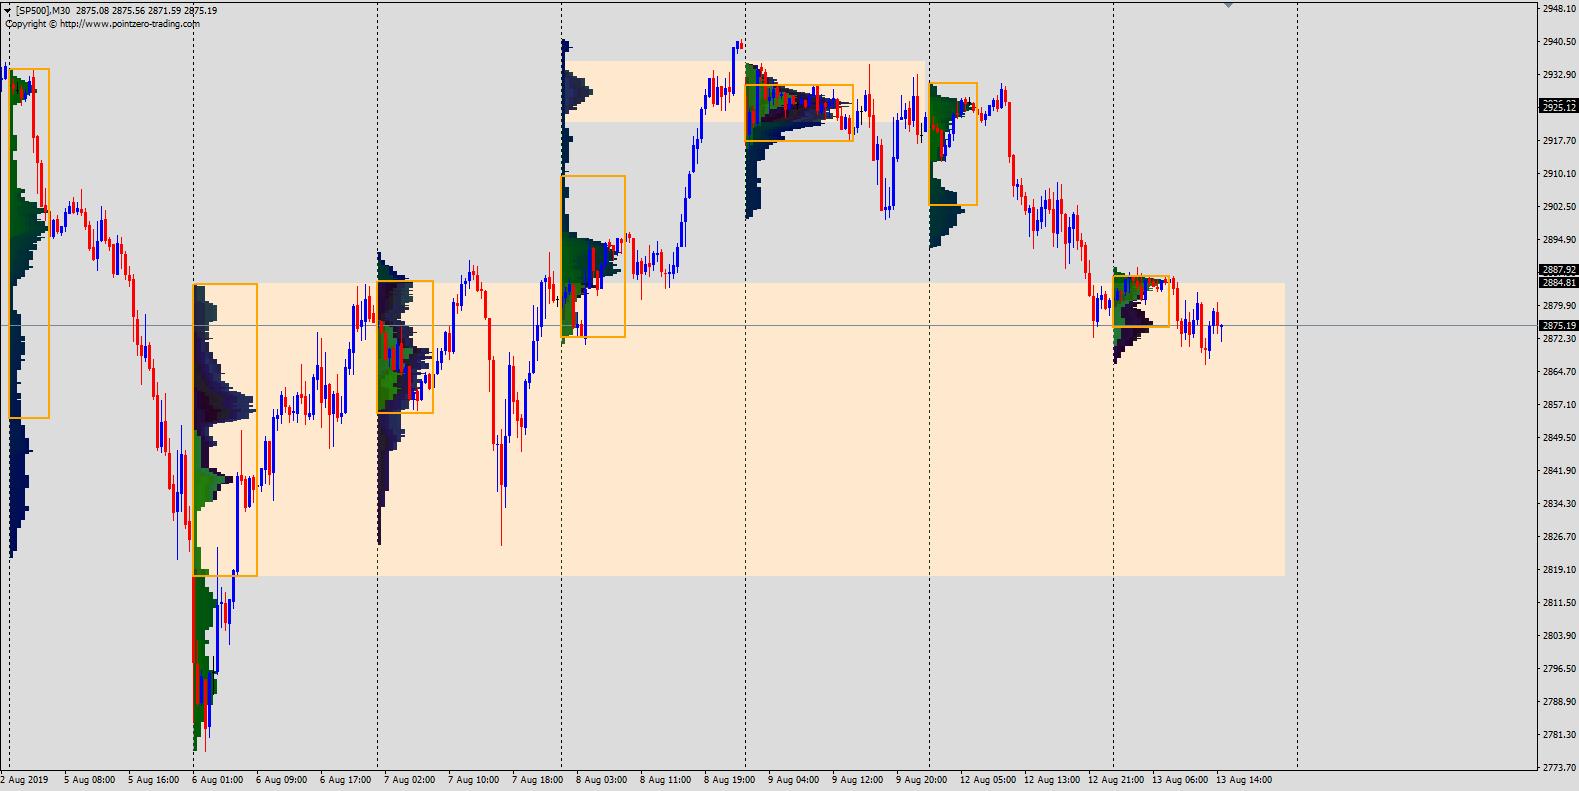 SP500 market profile